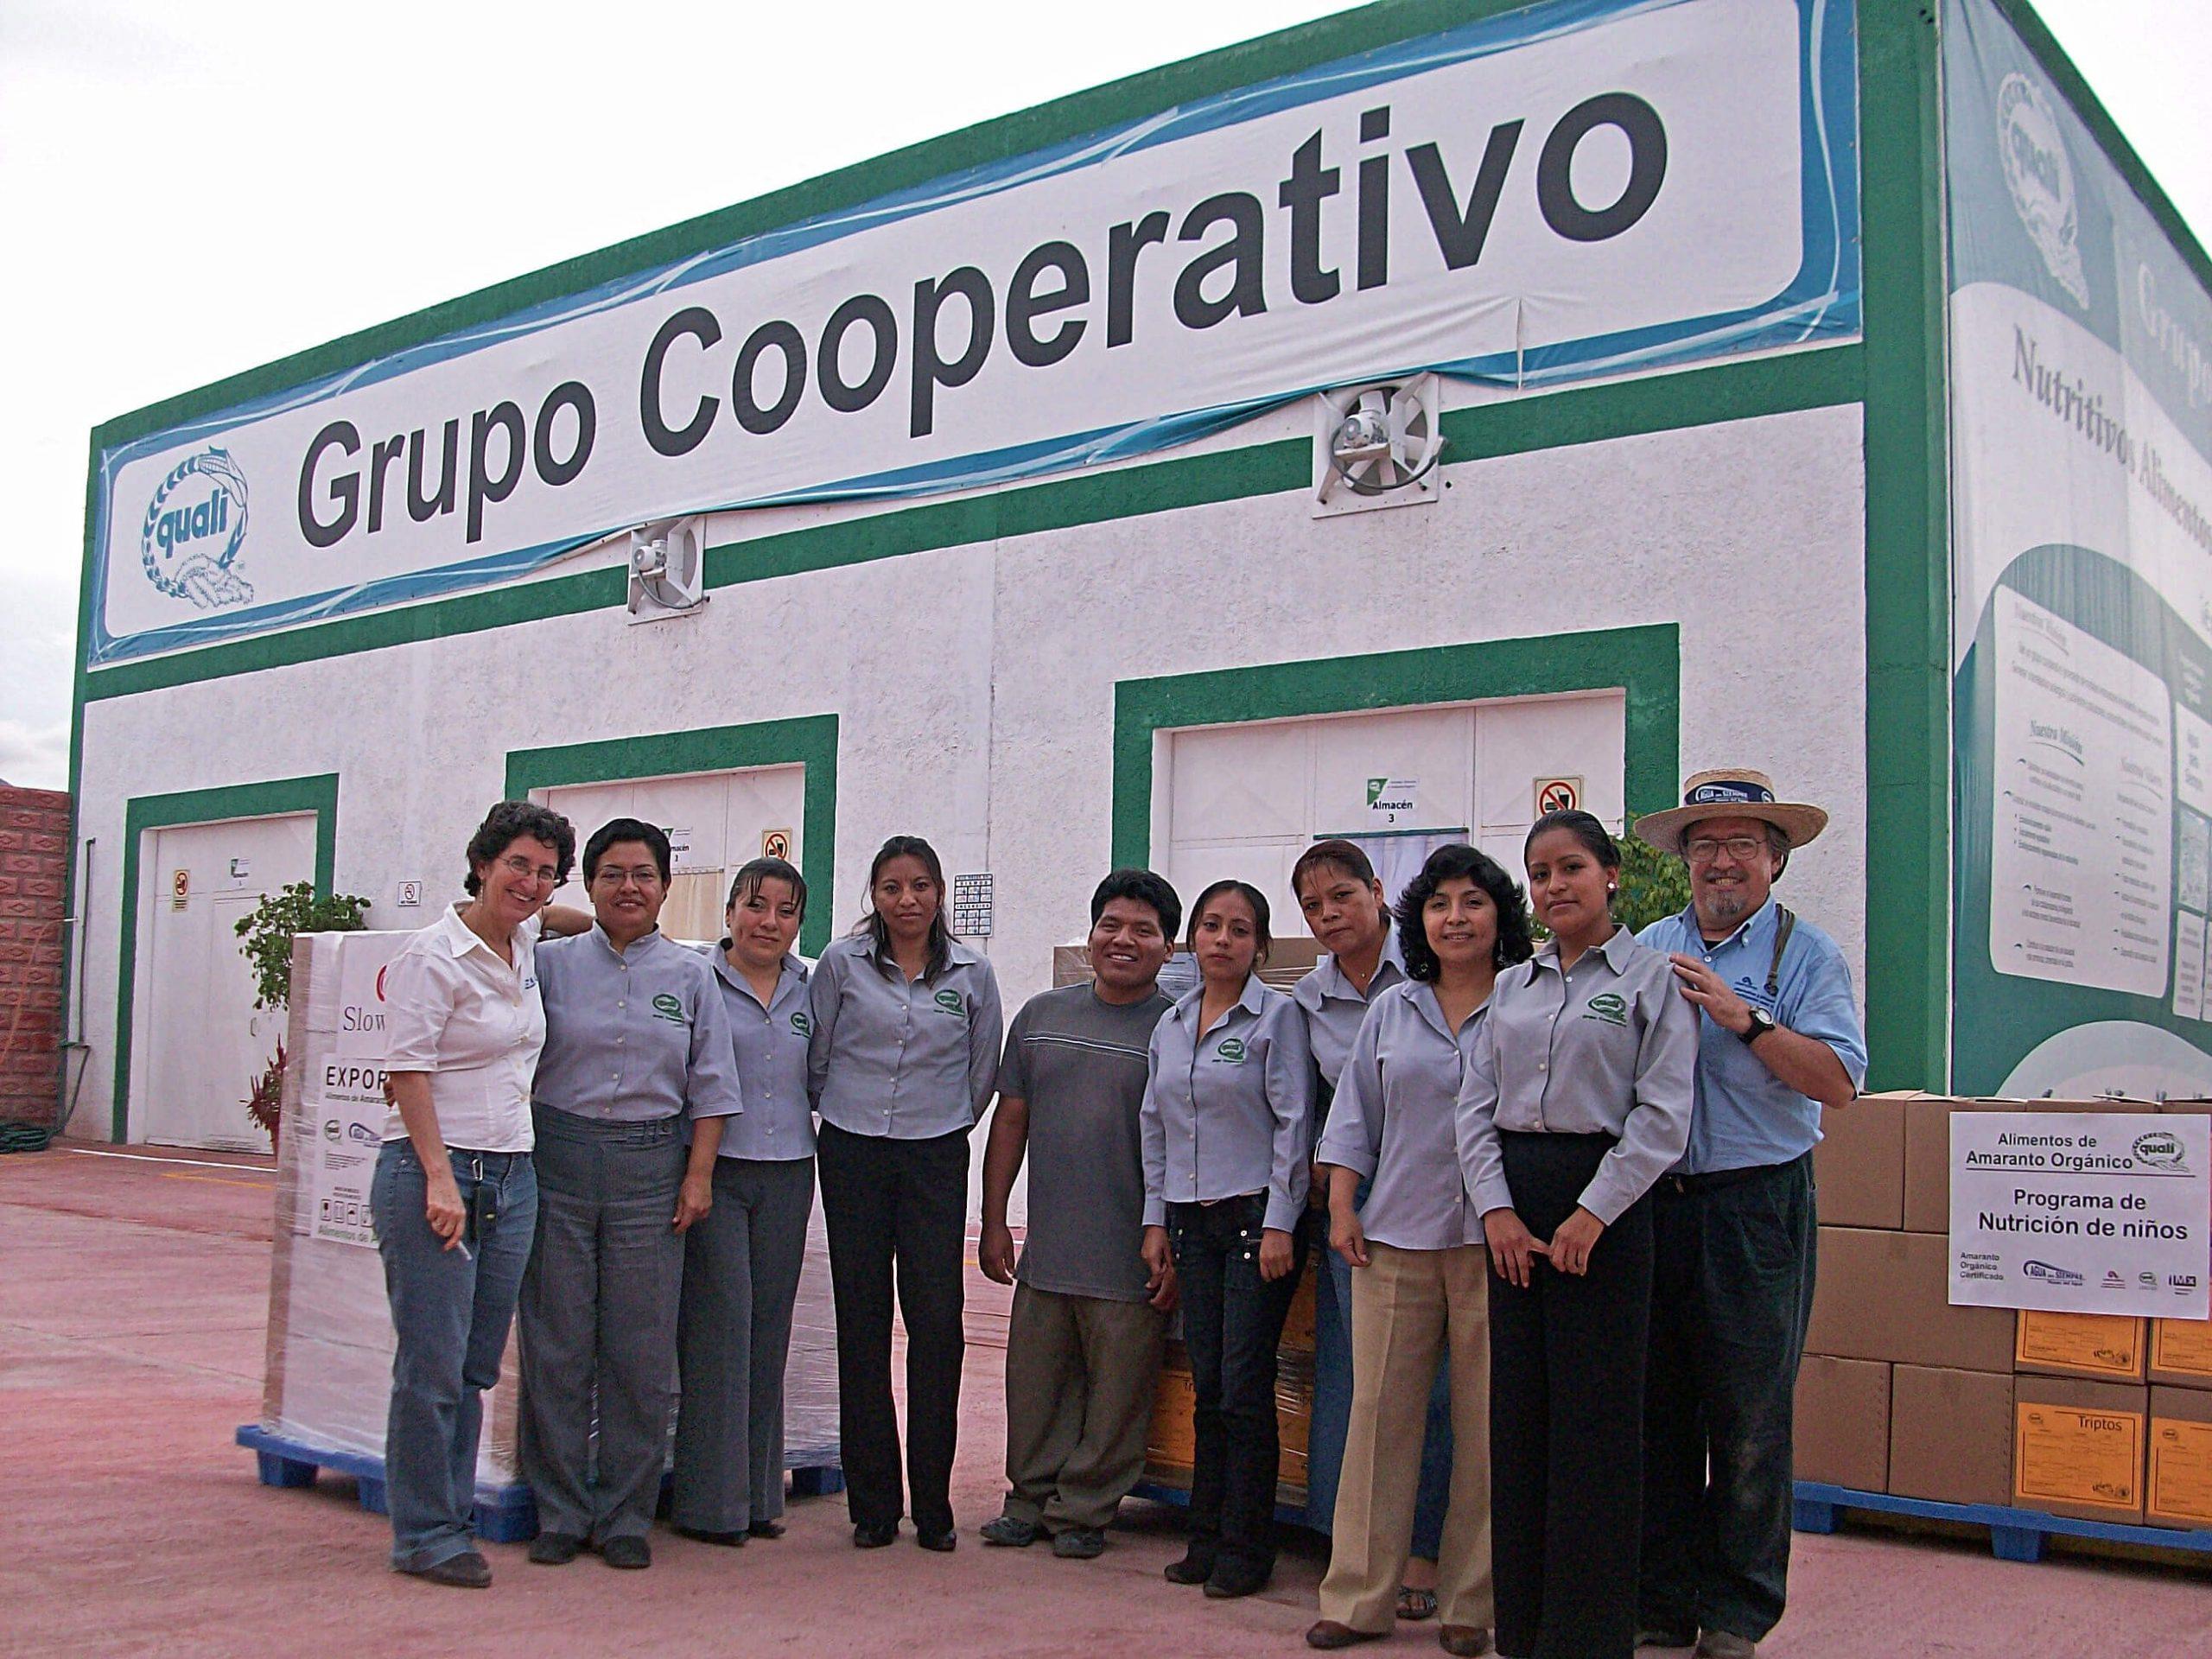 Frente a la agroindustria de Quali el equipo de ejecutivas de venta de Quali, despachando pedidos para exportación y para la nutrición infantil en la región. Foto: Grupo Cooperativo Quali